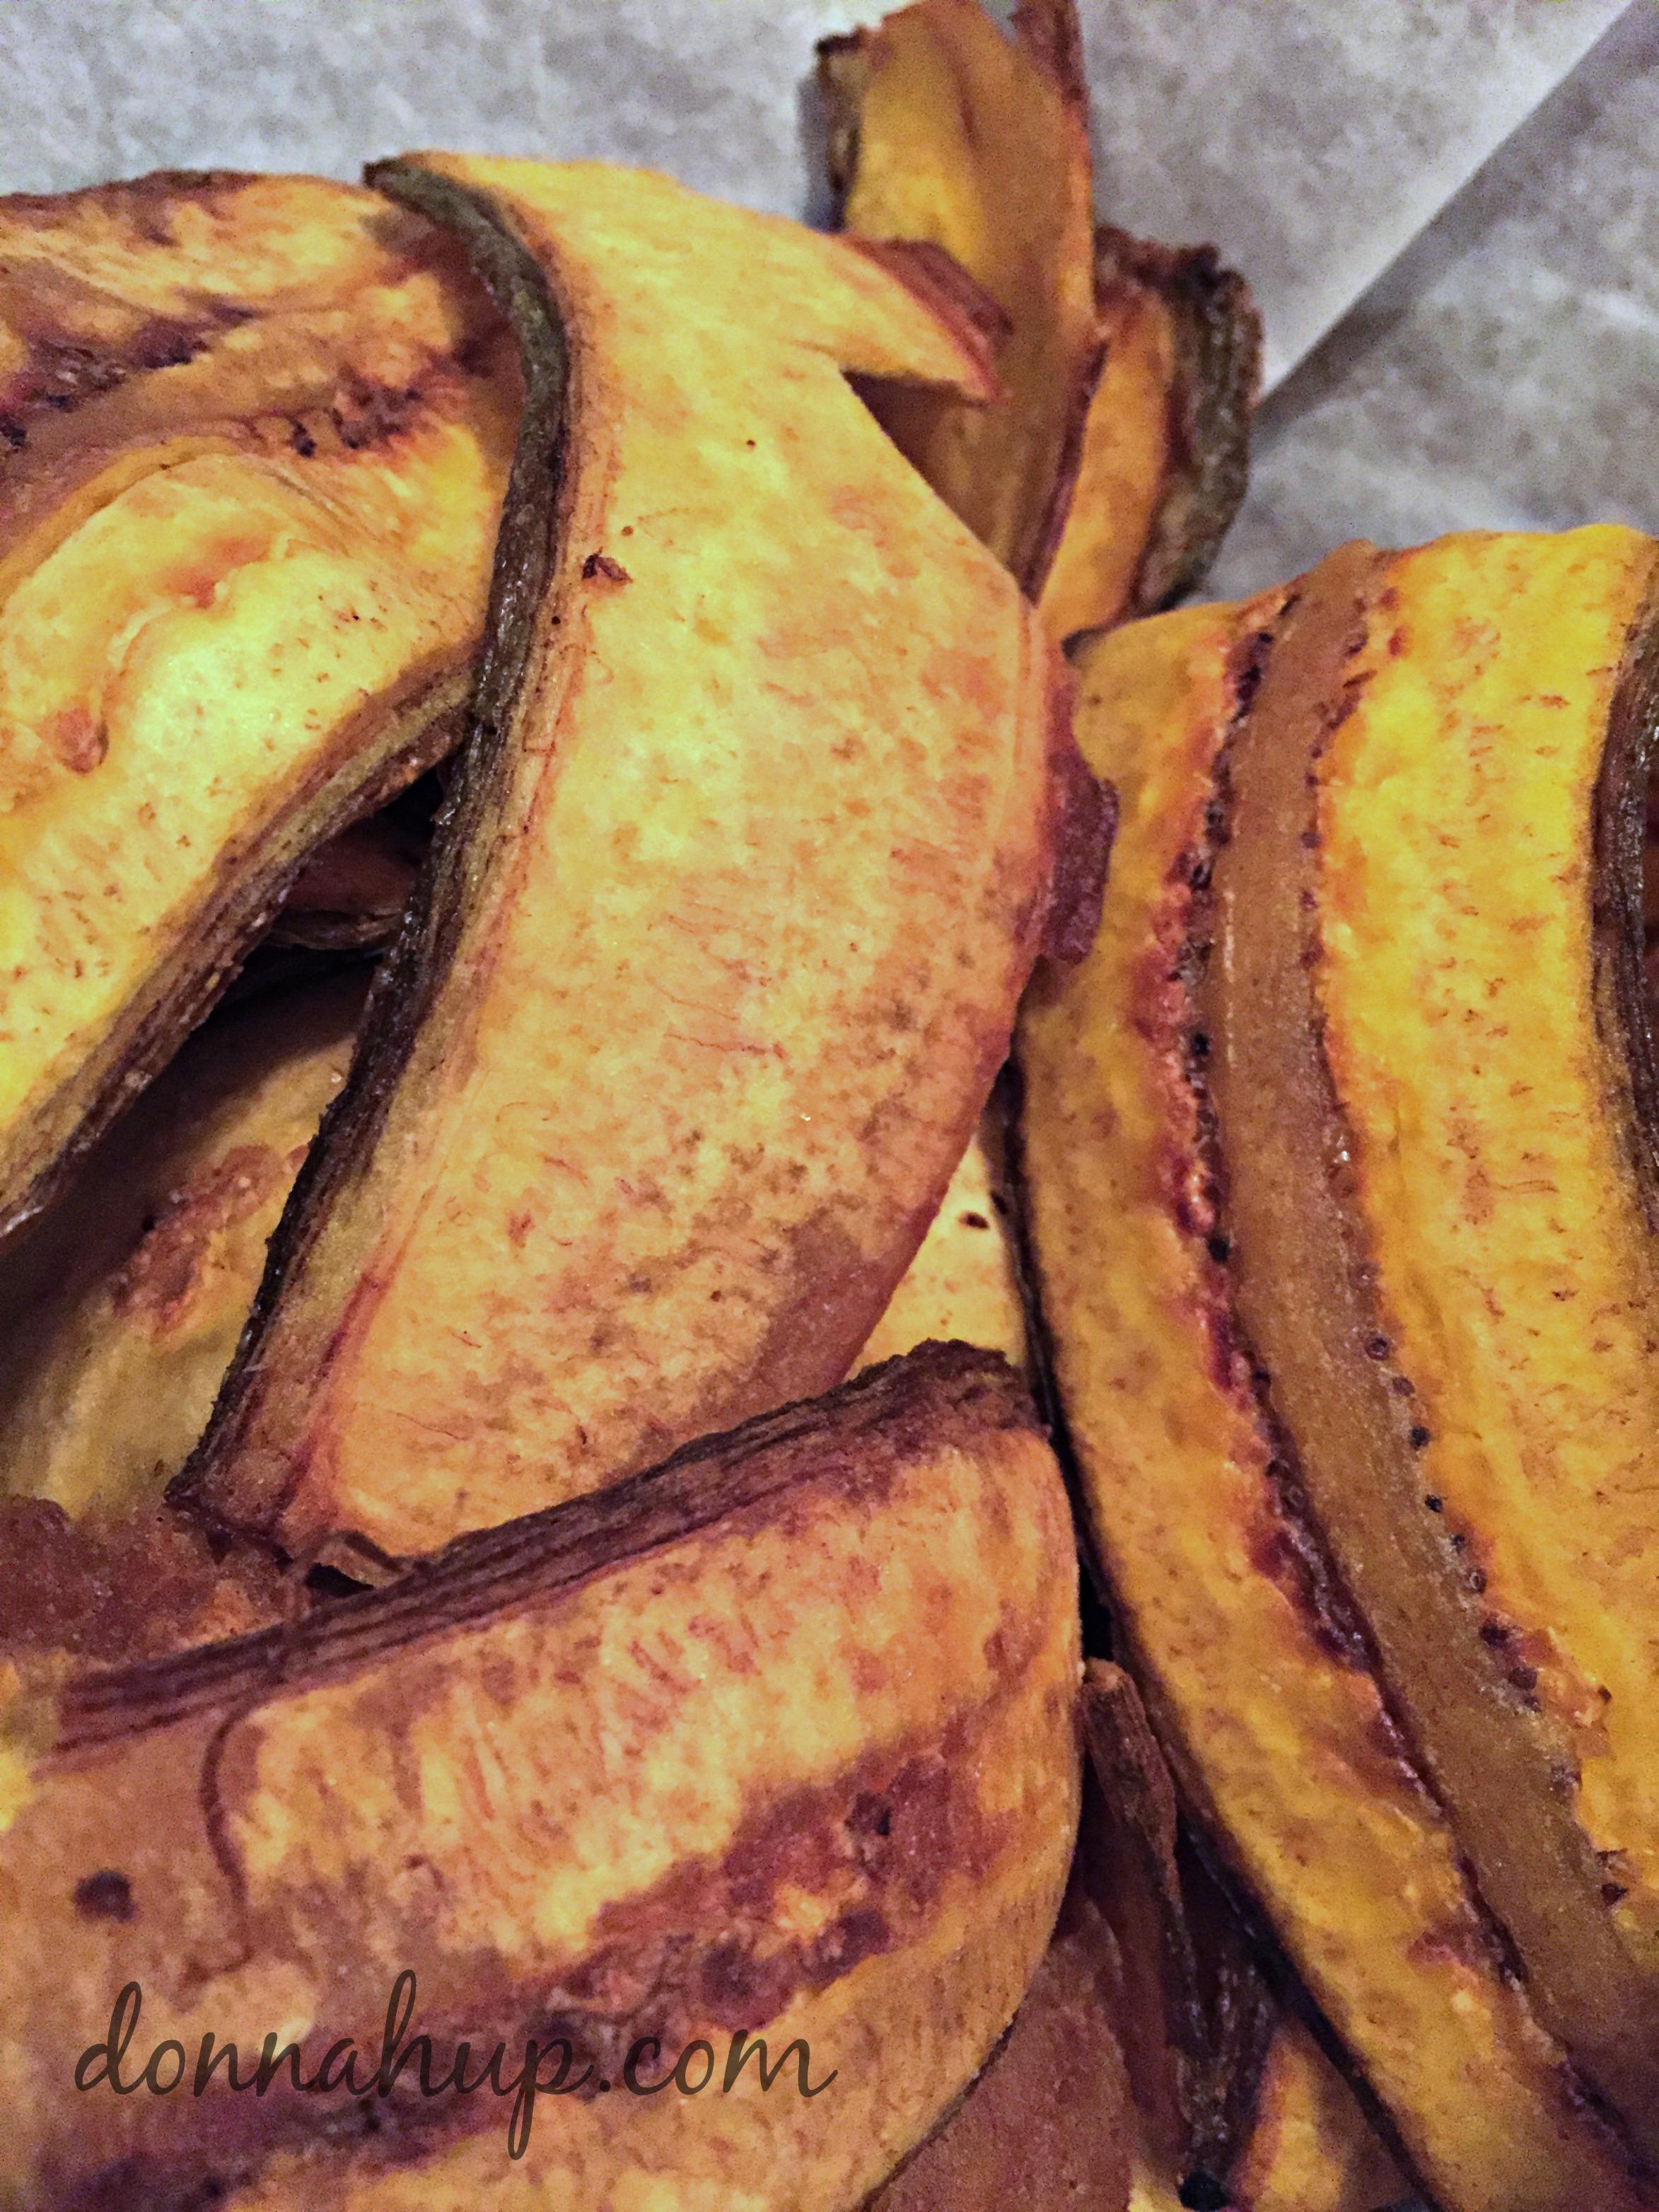 Padrinos Latin Food - My Favorite Cuban Bistro